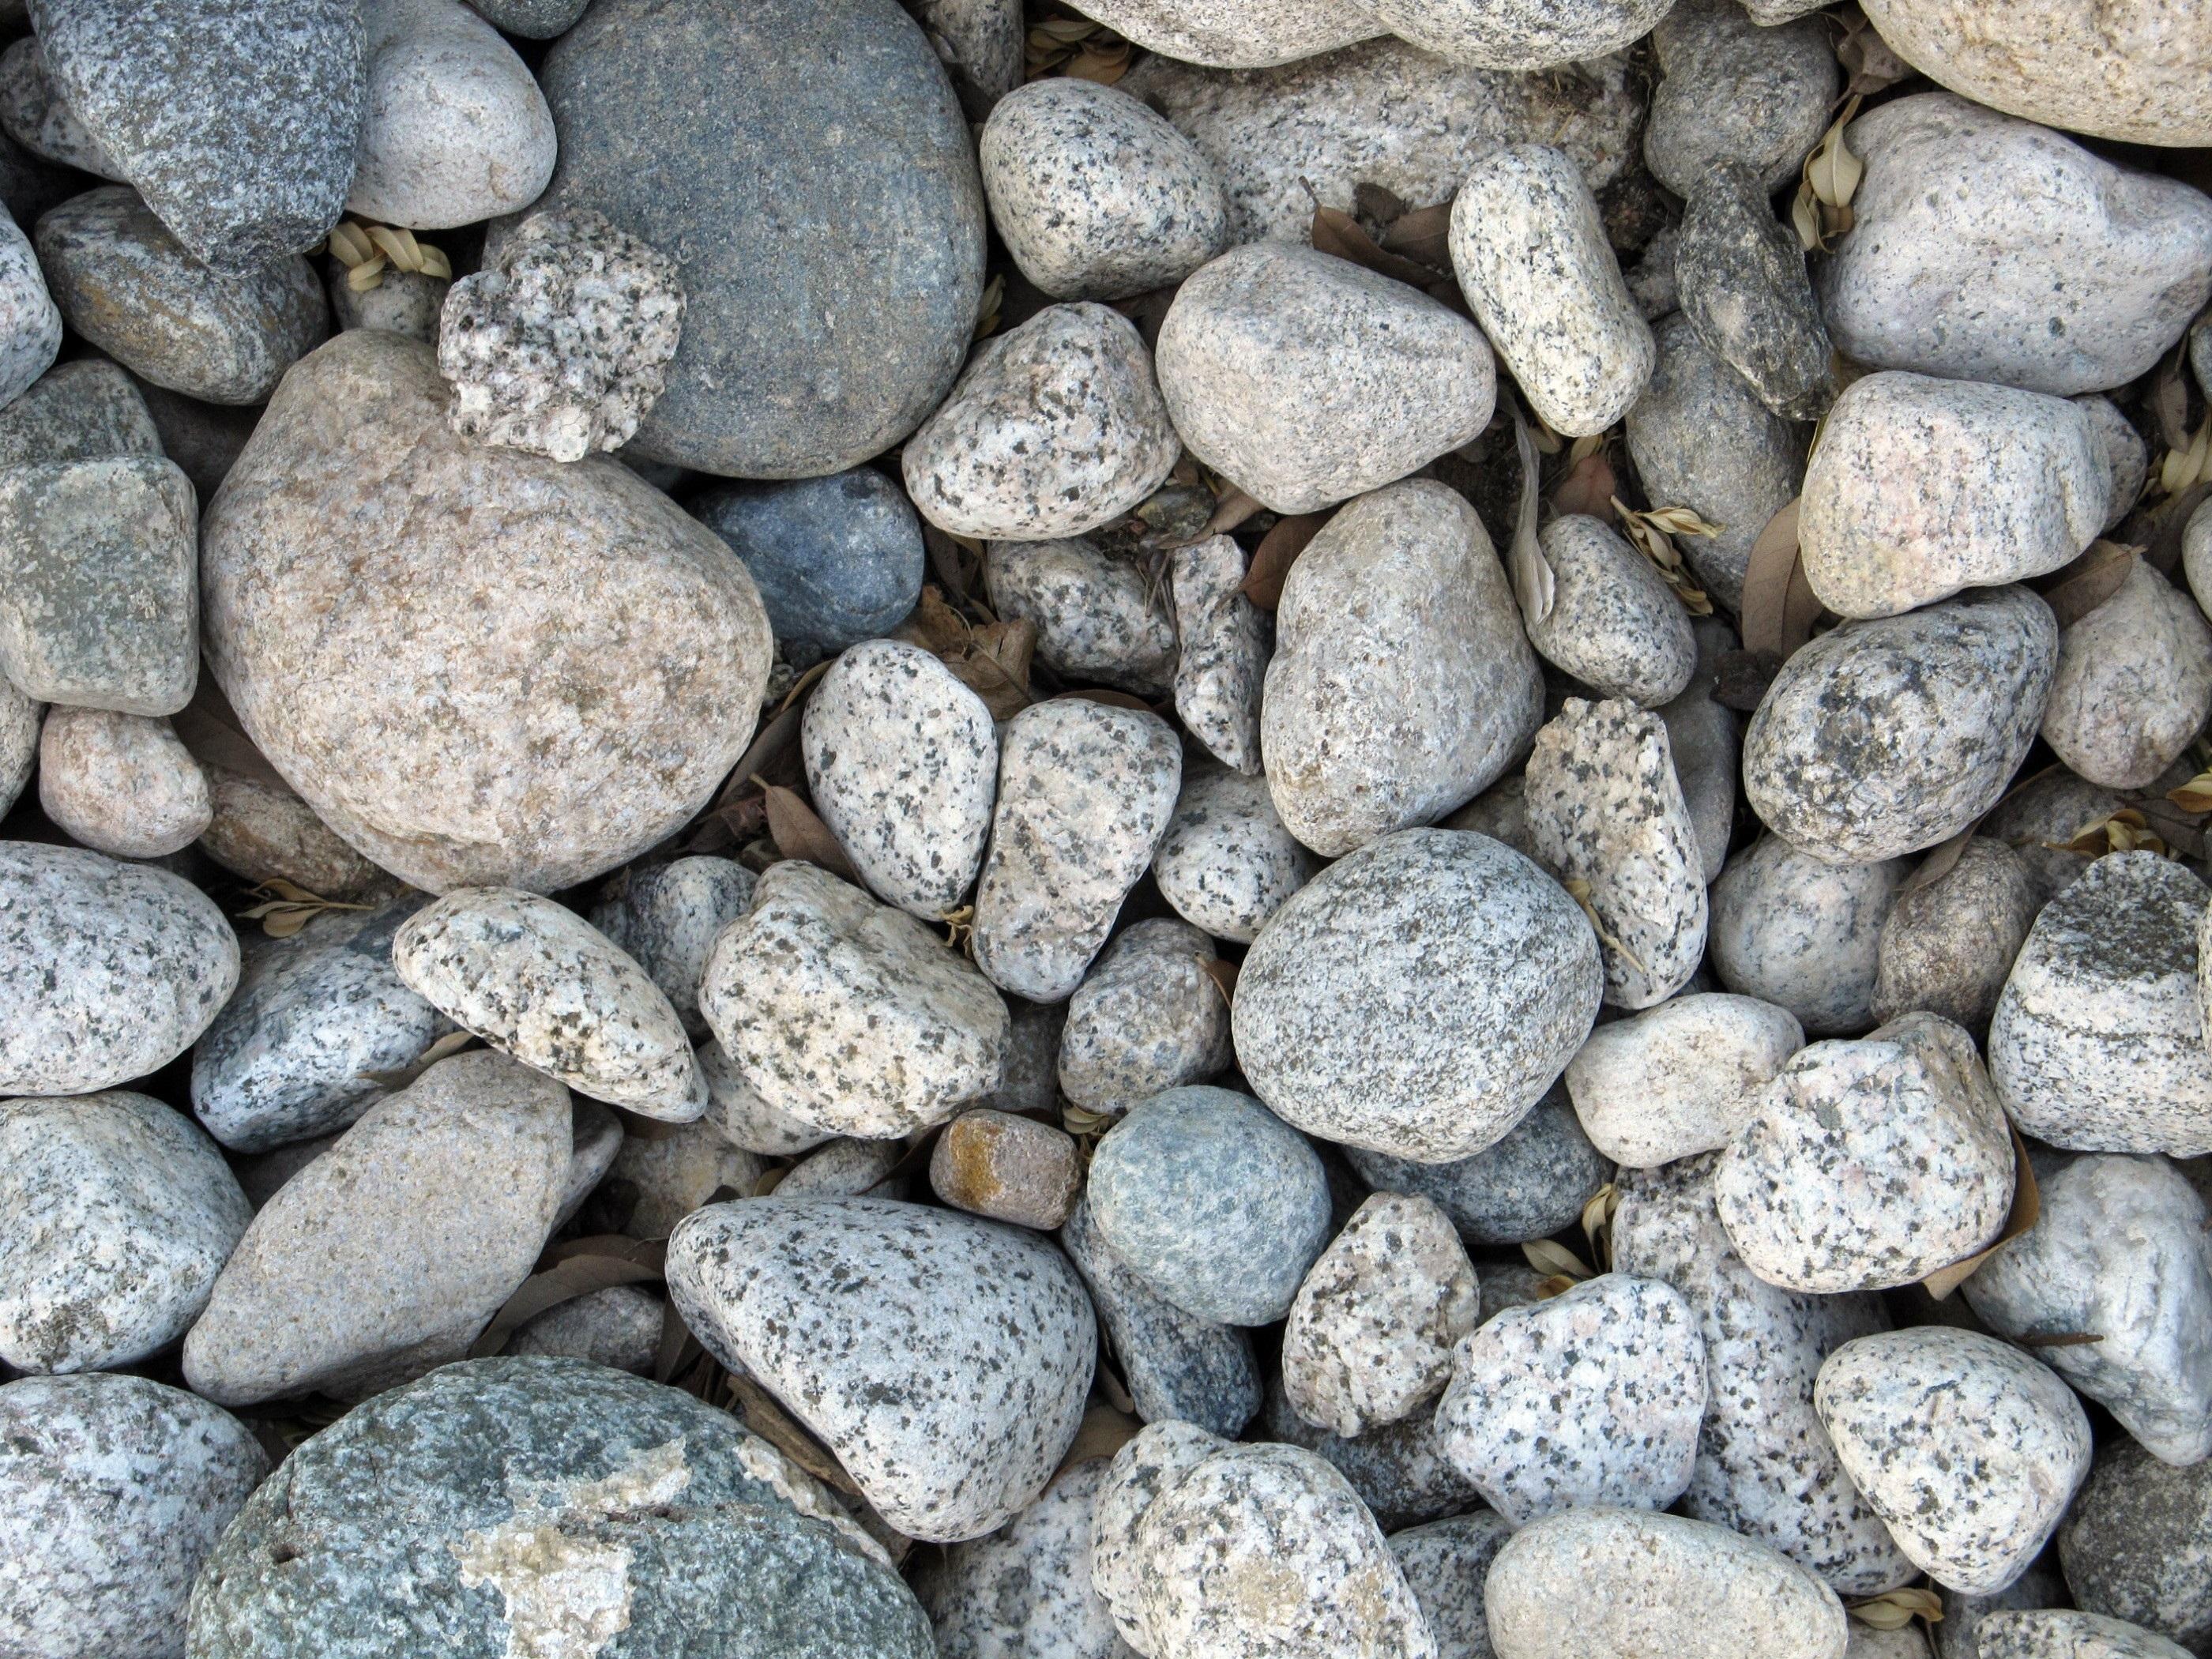 создаем логин мужские камни в картинках удобную конструкцию, идеально